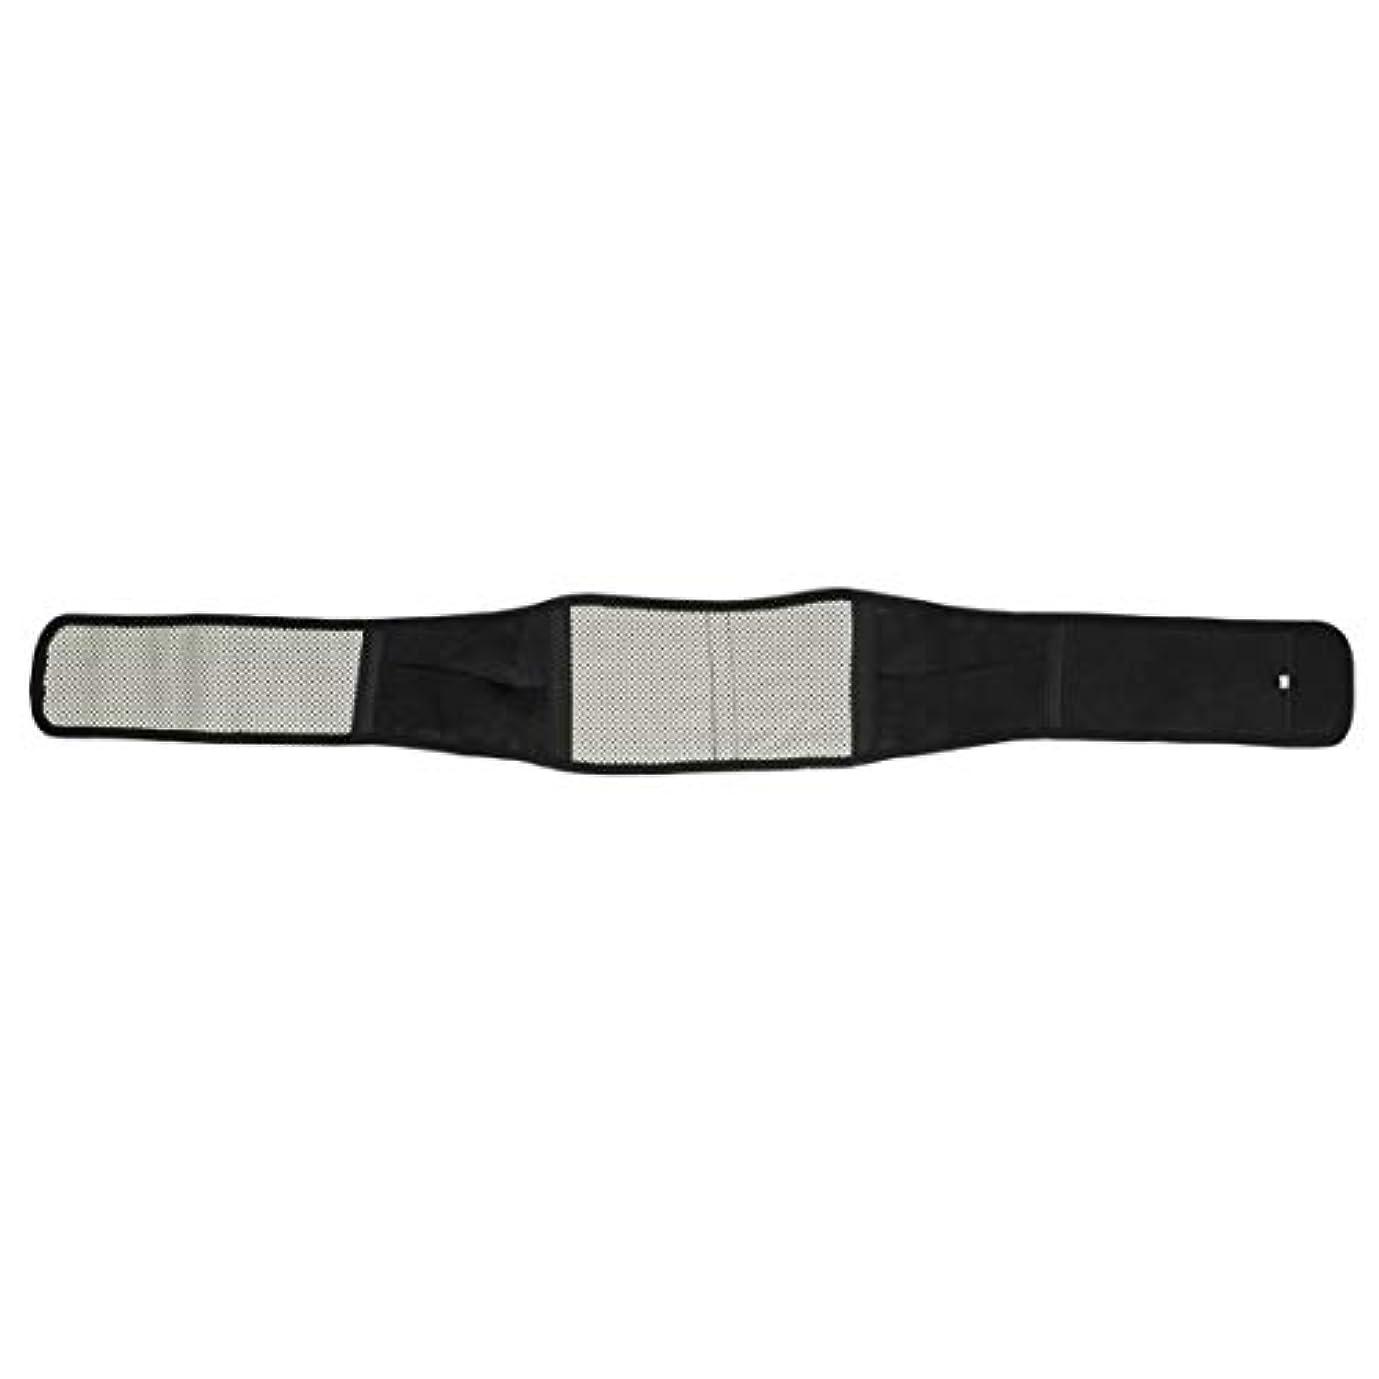 信頼性のあるモロニックピストルintercorey脂肪燃焼ベルト腰椎サポート痛みマッサージャー赤外線磁気バックブレース自己発熱療法ウエストベルト調整可能な姿勢ベルト